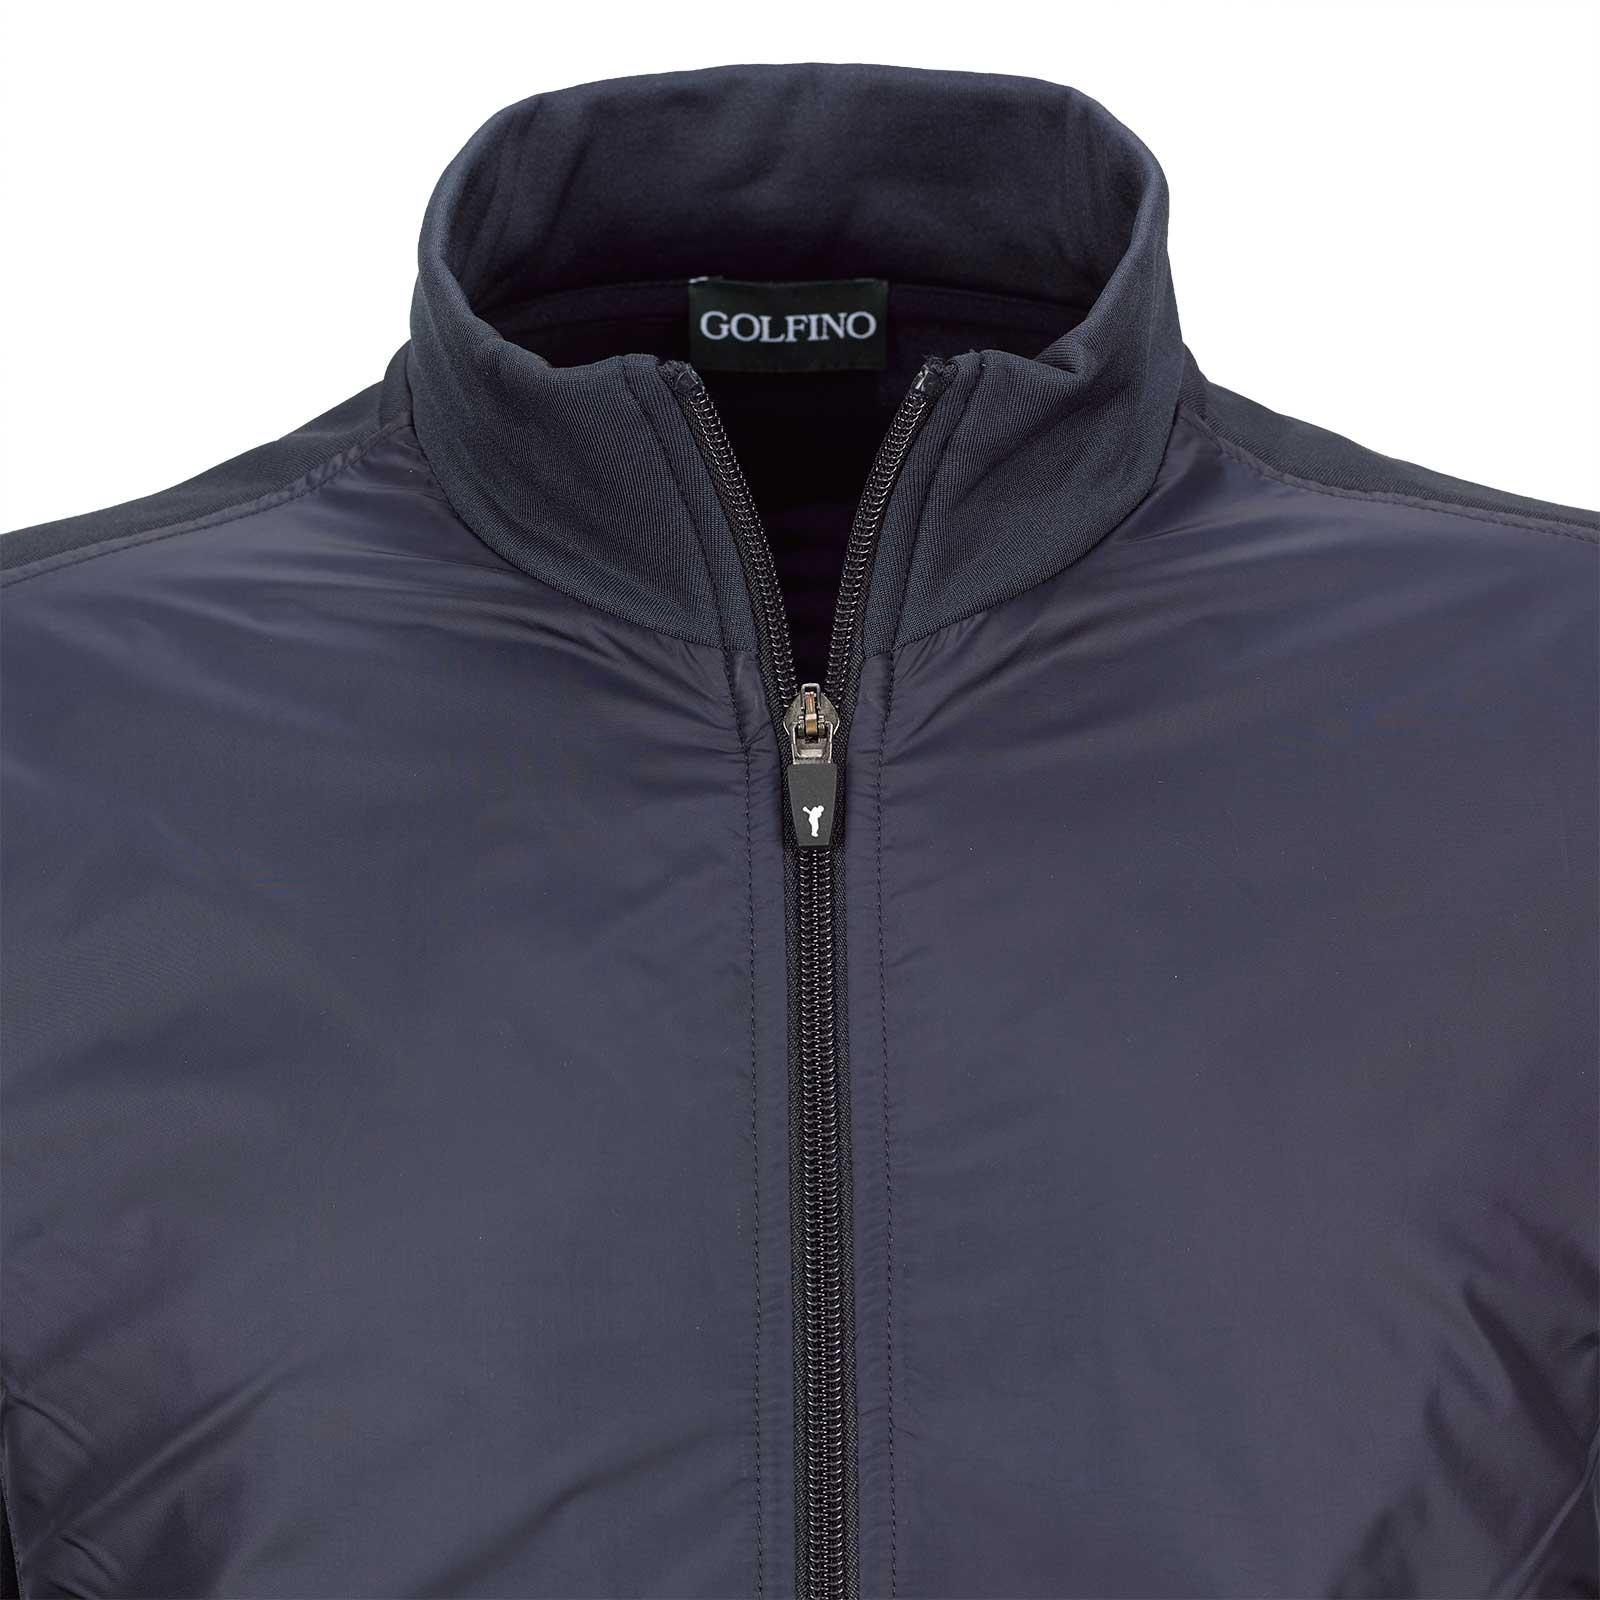 Micro Stretch Herren Golfjacke Cold Protection für maximale Bewegungsfreiheit